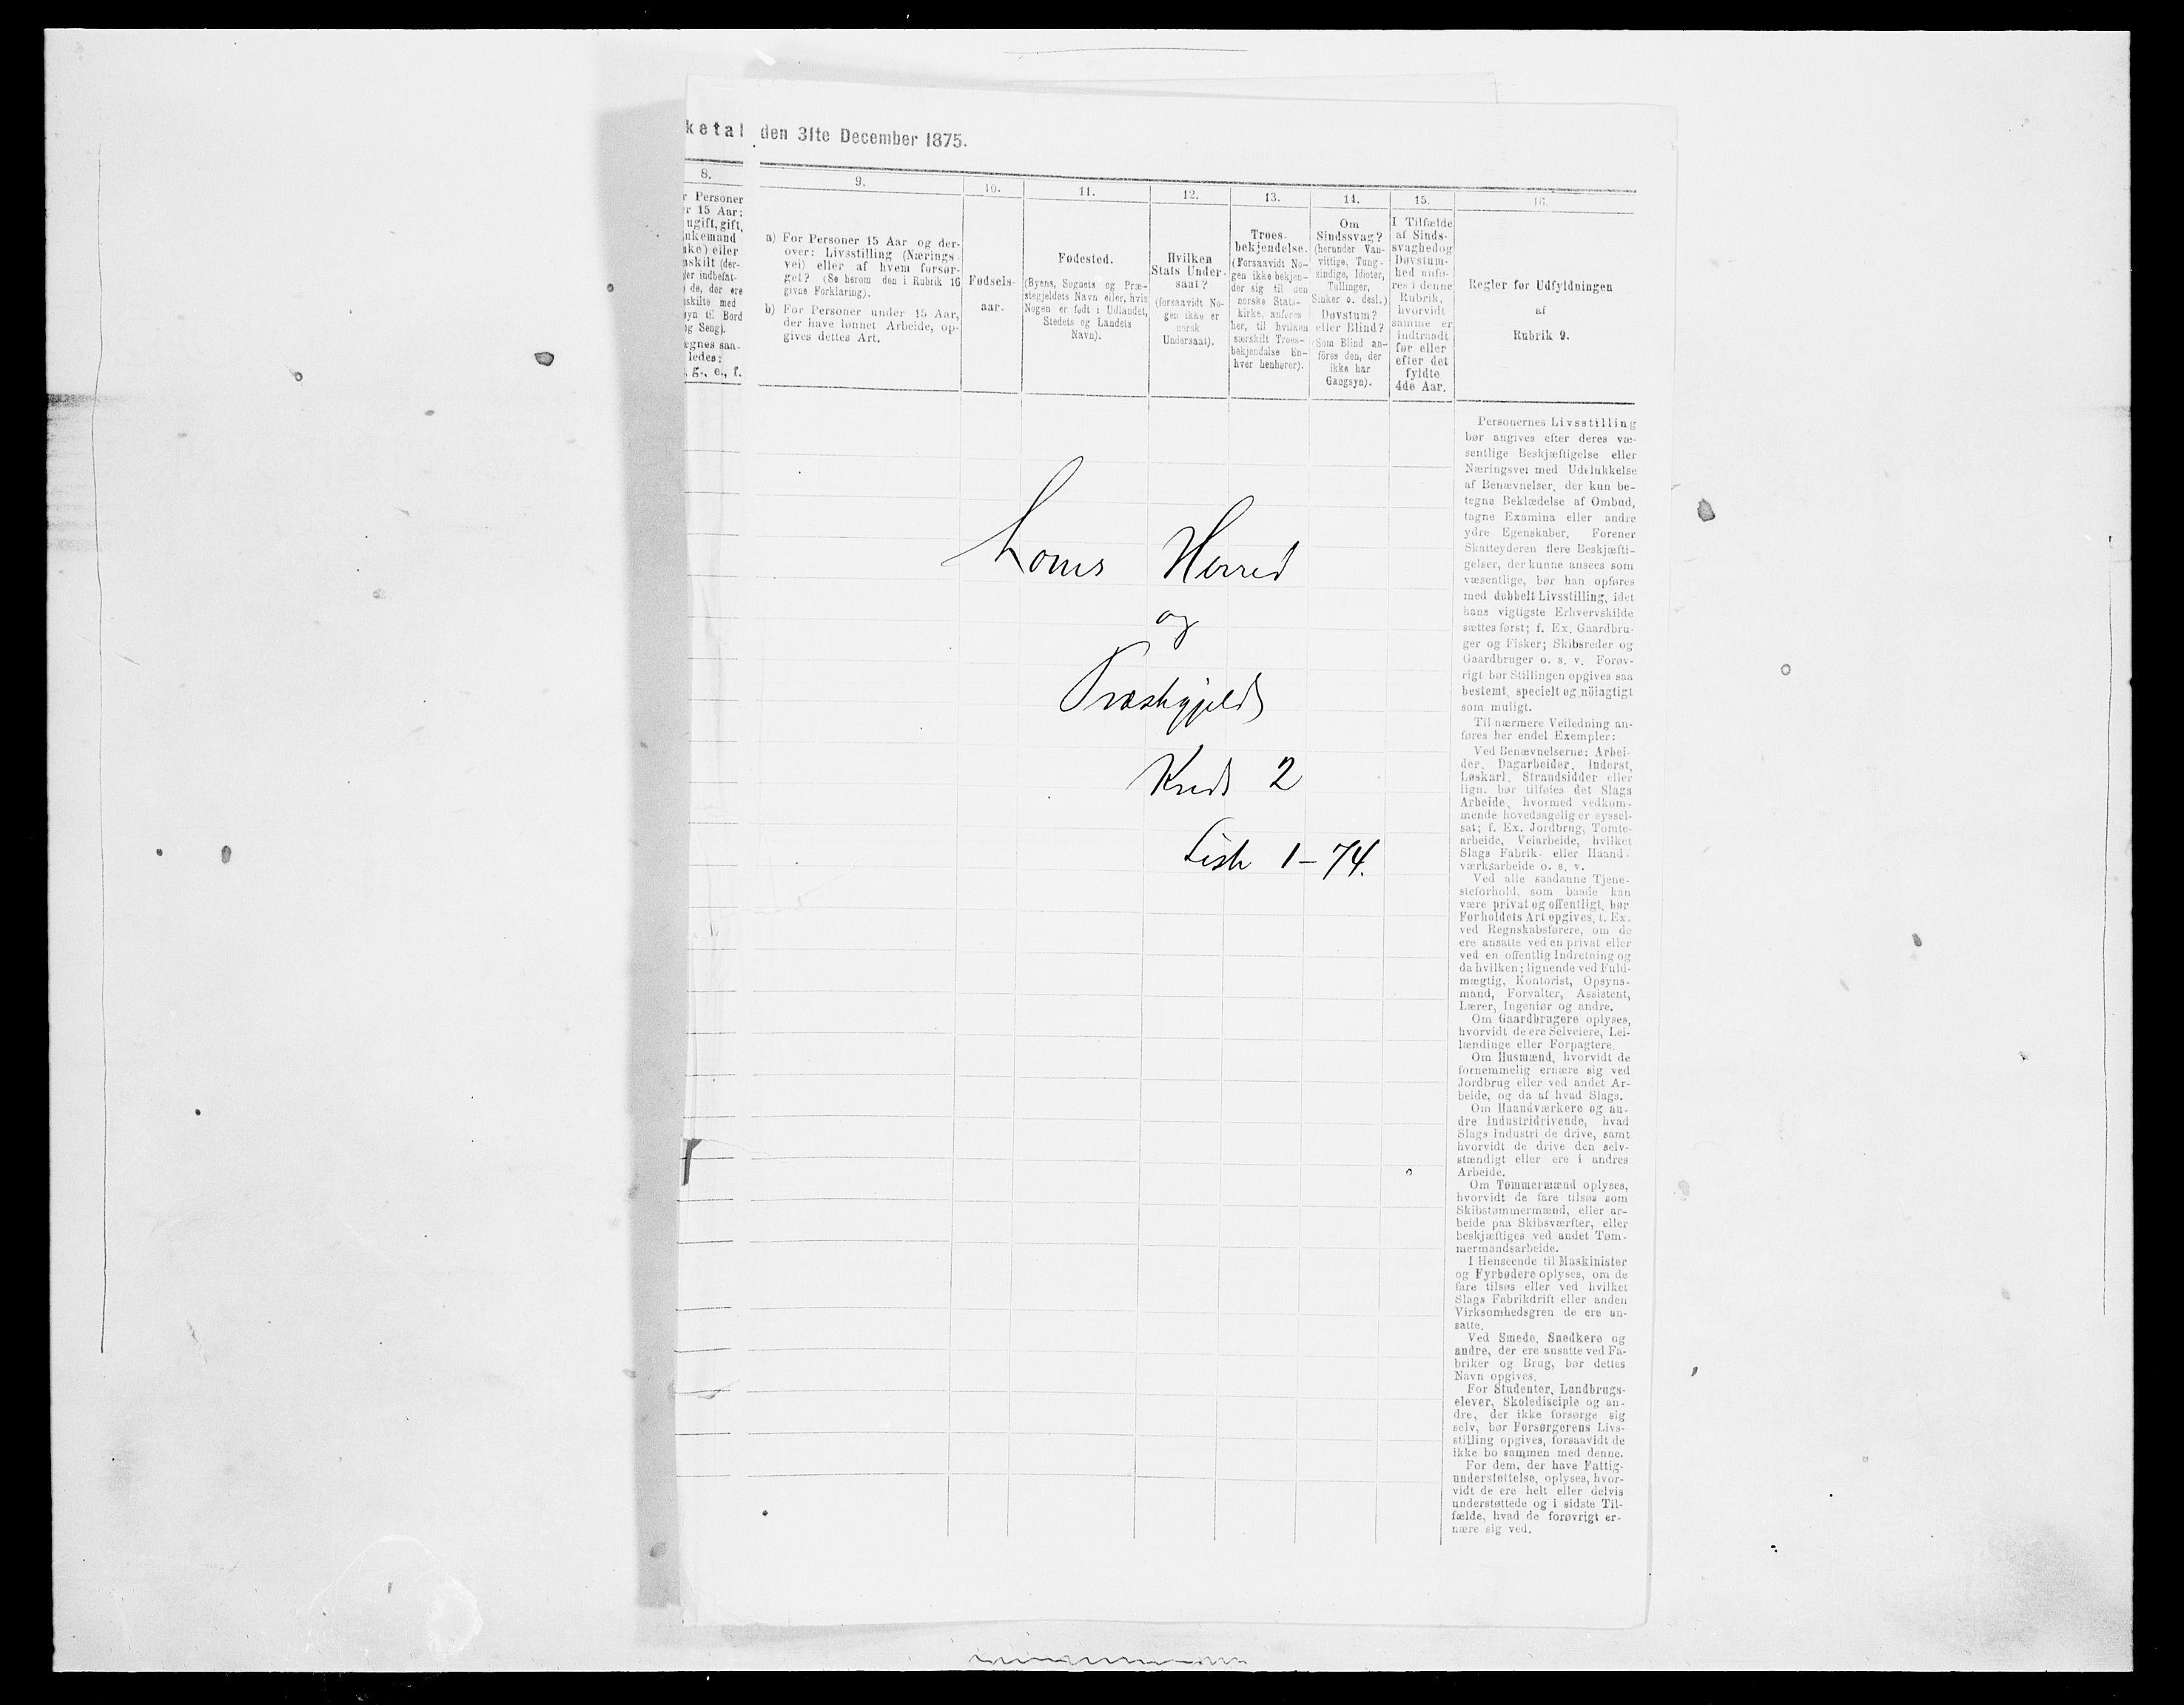 SAH, Folketelling 1875 for 0514P Lom prestegjeld, 1875, s. 257